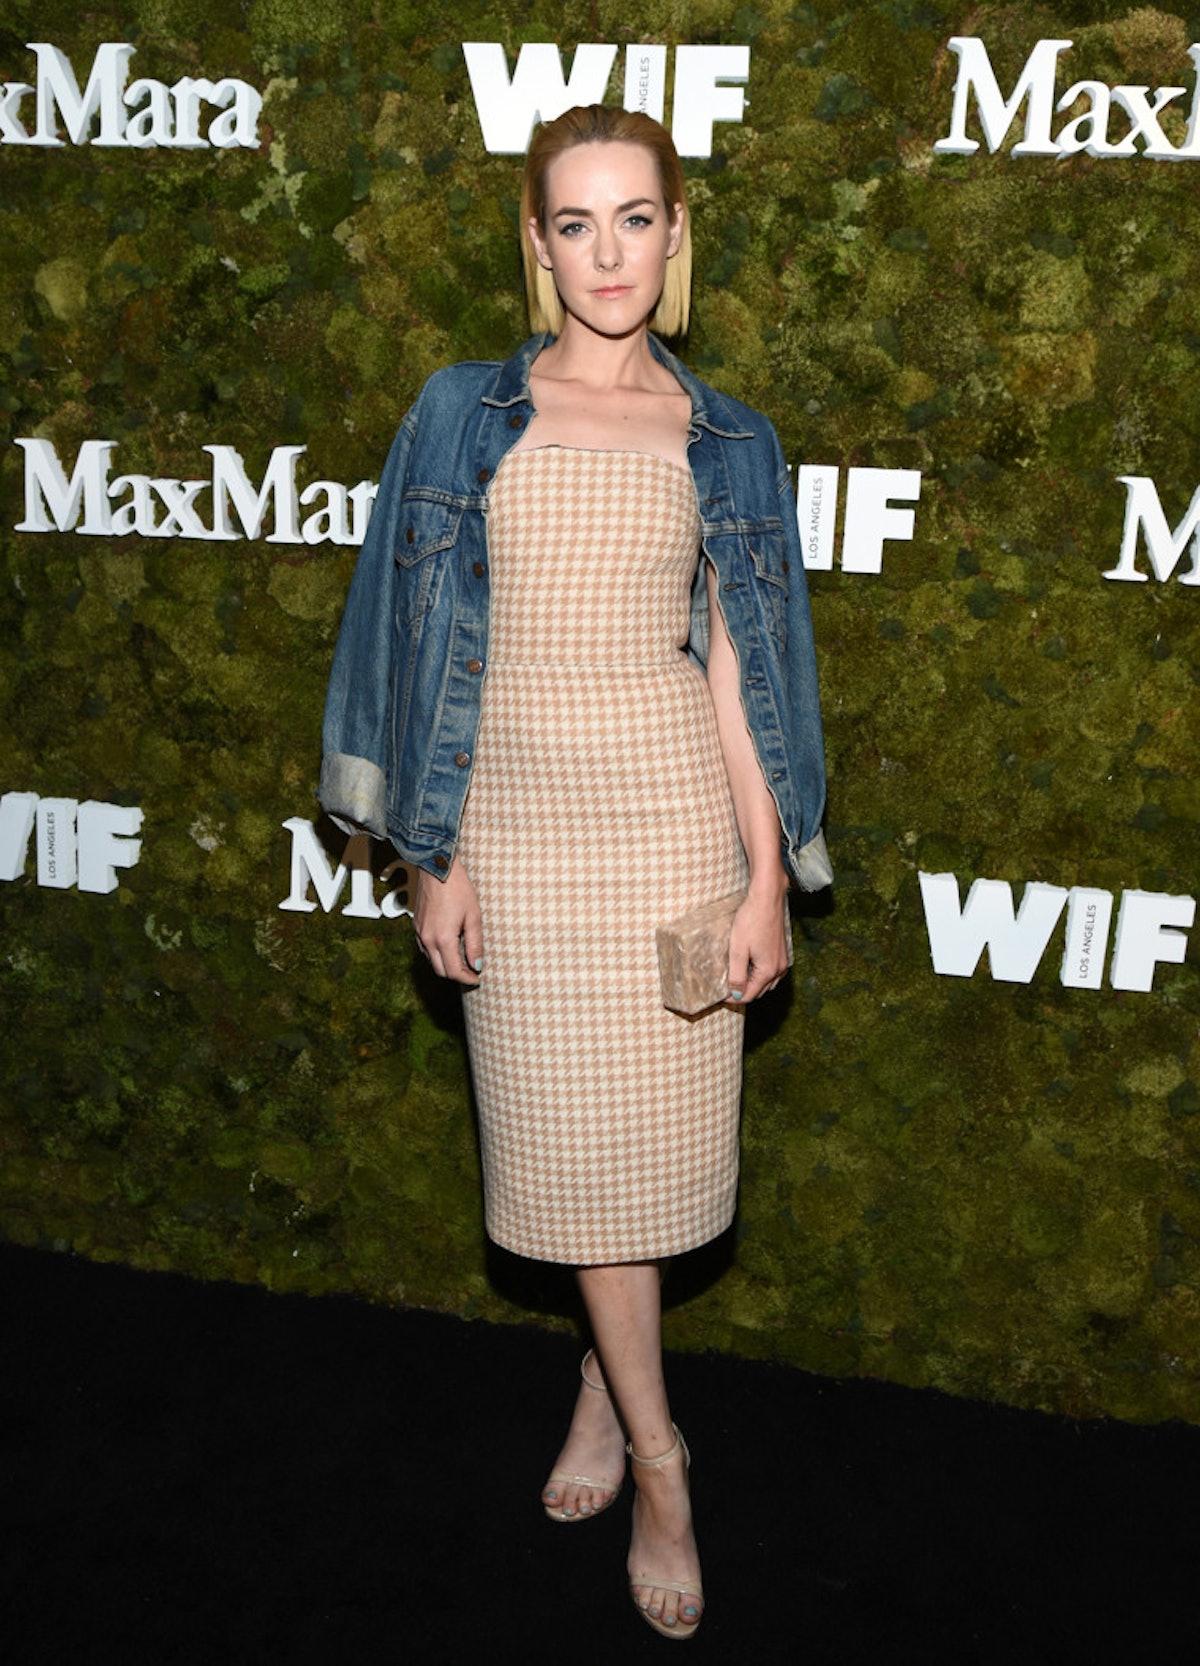 Jena Malone in Max Mara and Levi's